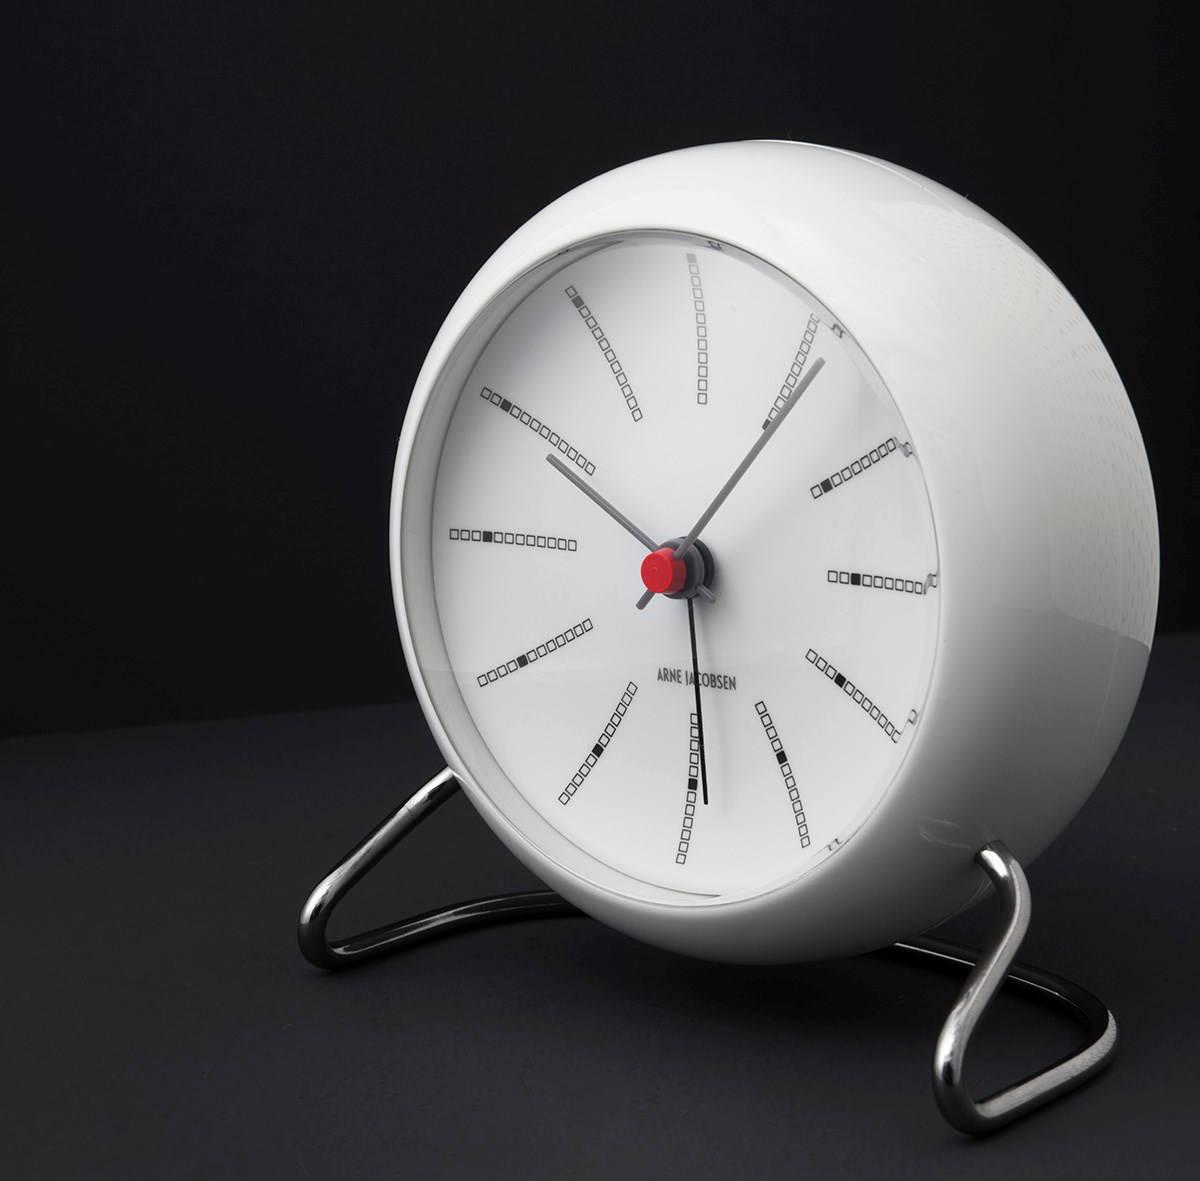 Arne-Jacobsen-Bankers-Table-Clock-White-Mid-Century-Modern-Decor